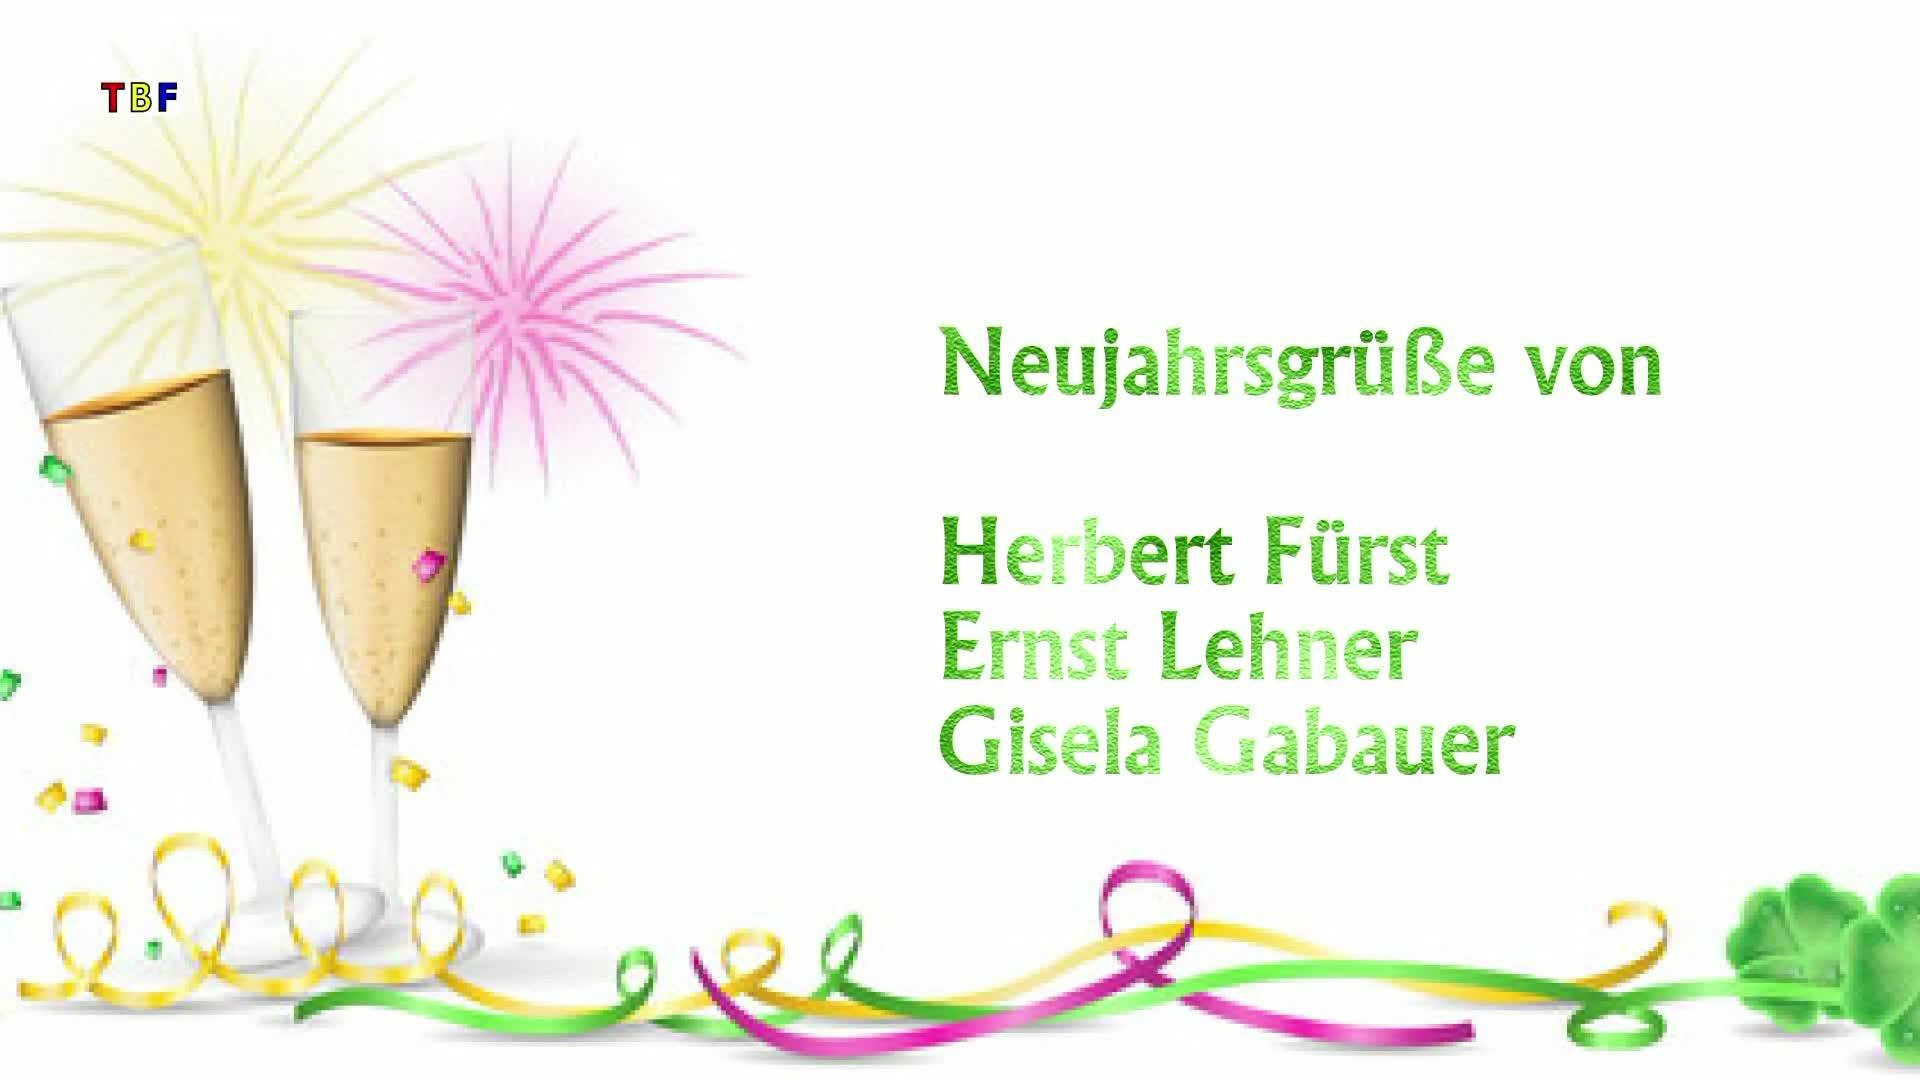 Neujahresgrüße von Herbert Fürst, Ernst Lehner und Gisela Gabauer!